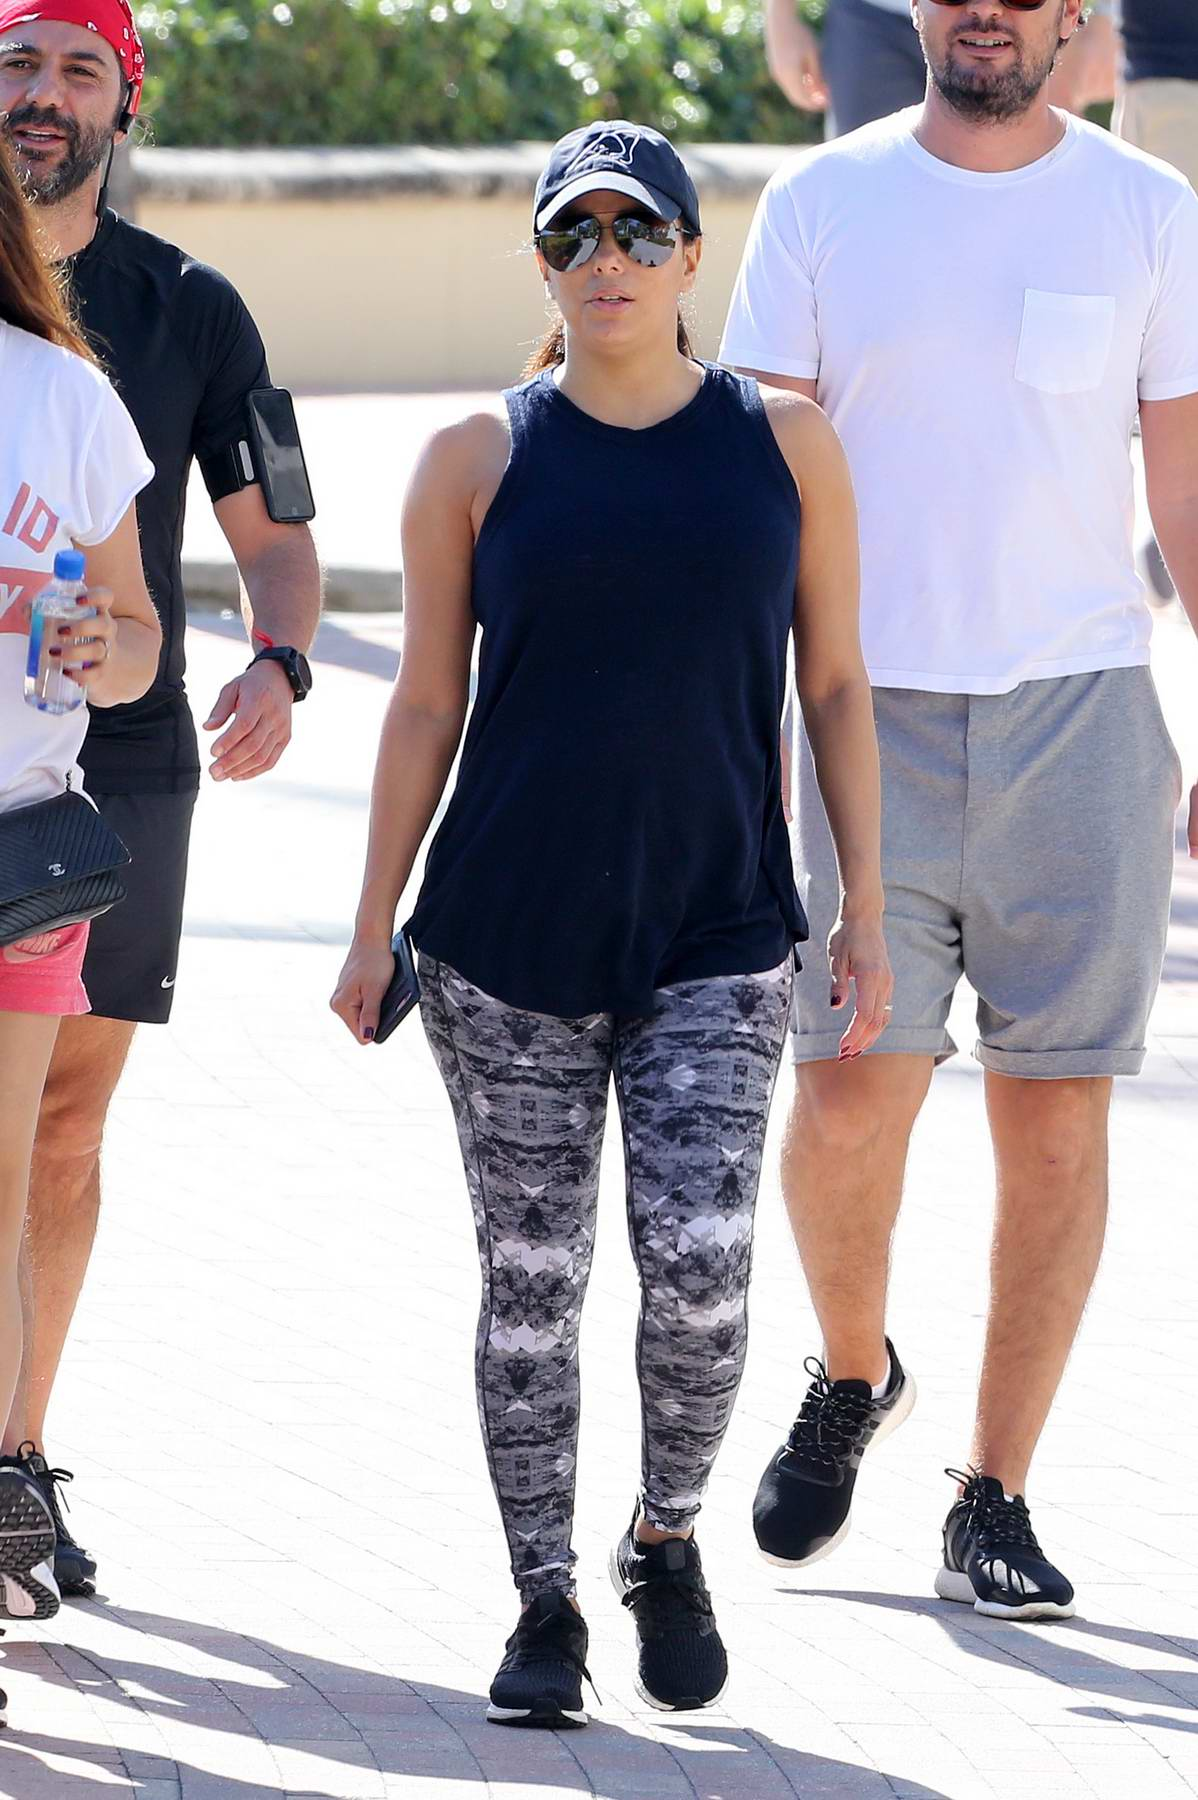 Eva Longoria takes a walk with her husband Jose Baston on Christmas day in Miami beach, Florida